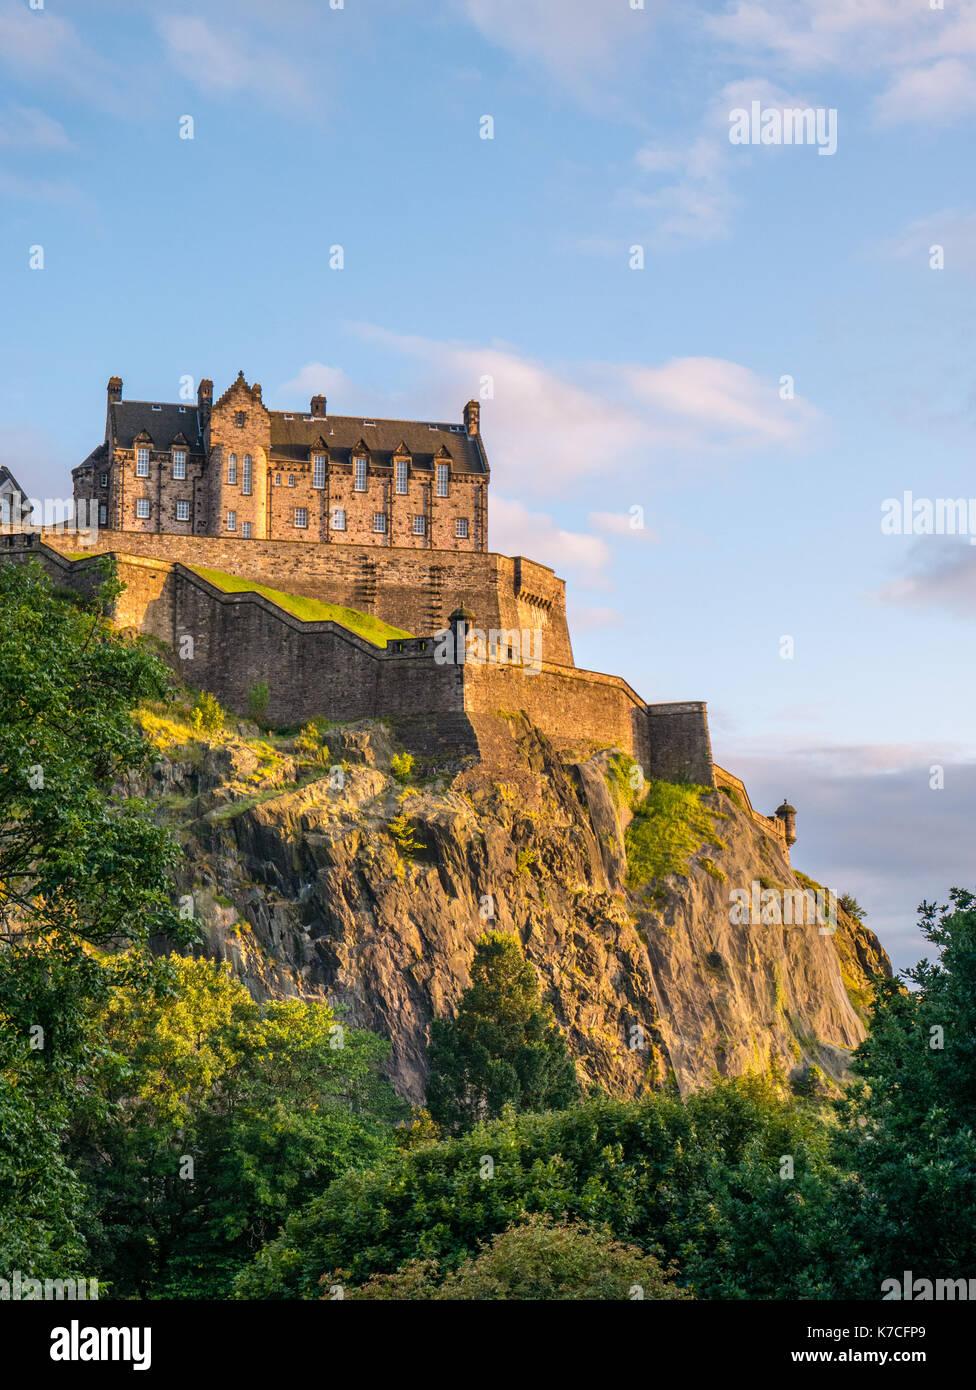 Le coucher du soleil, le château d'Édimbourg, vue de Princes Street Gardens, Château d'Edimbourg, Castle Rock, Edinburgh, Scotland, UK, FR. Photo Stock